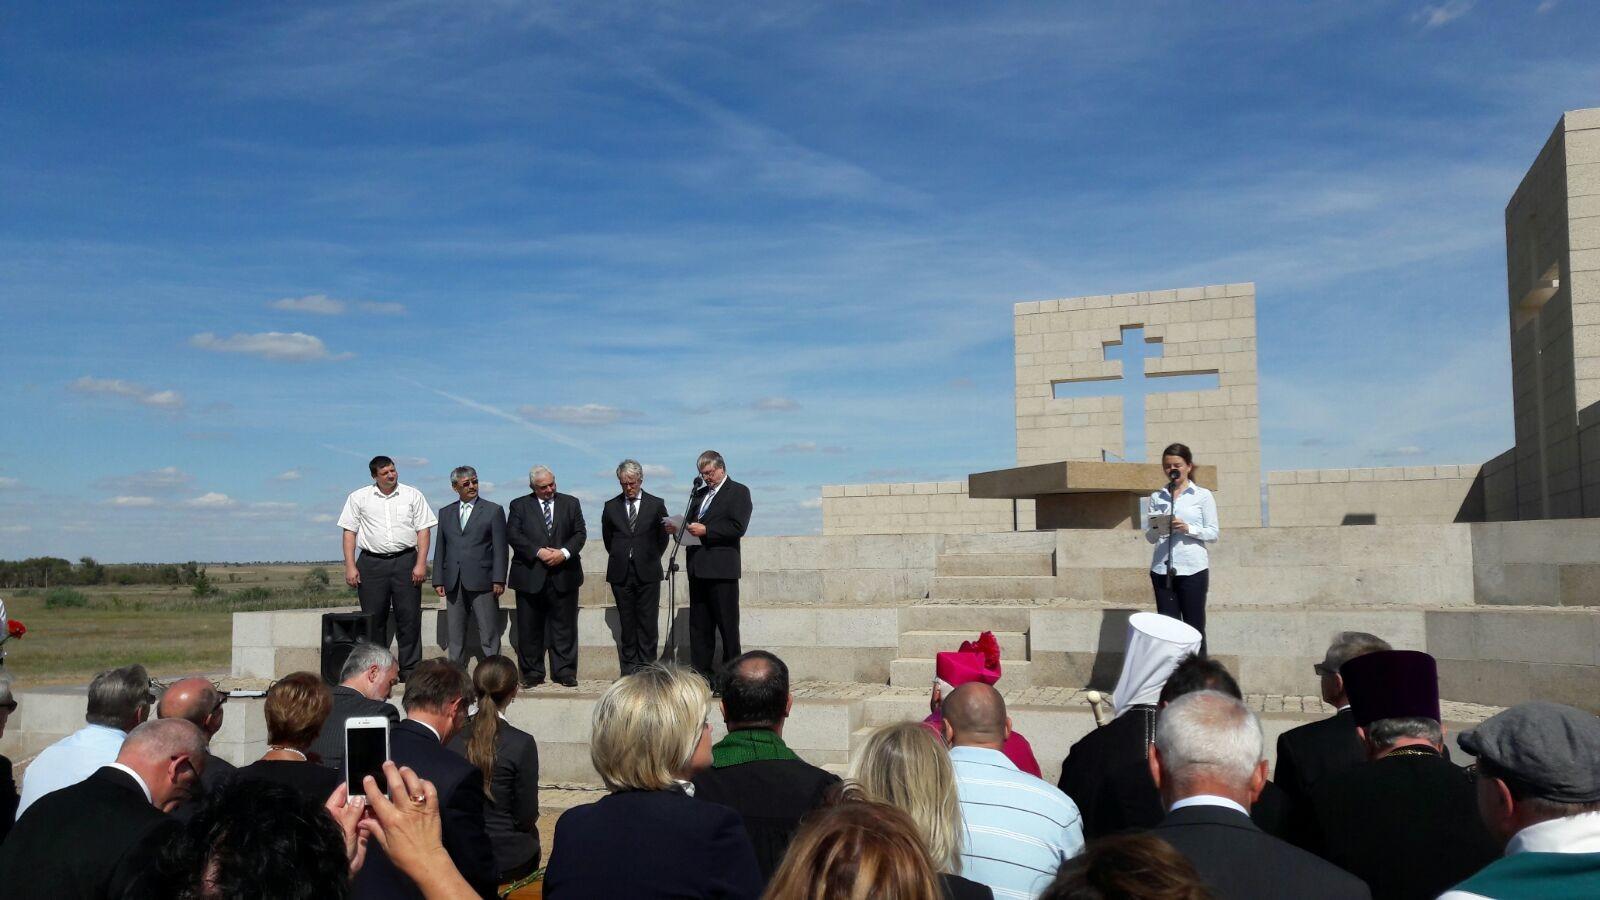 Freundschaft und Frieden - Einweihung der Kapelle am Soldatenfriedhof in Stalingrad